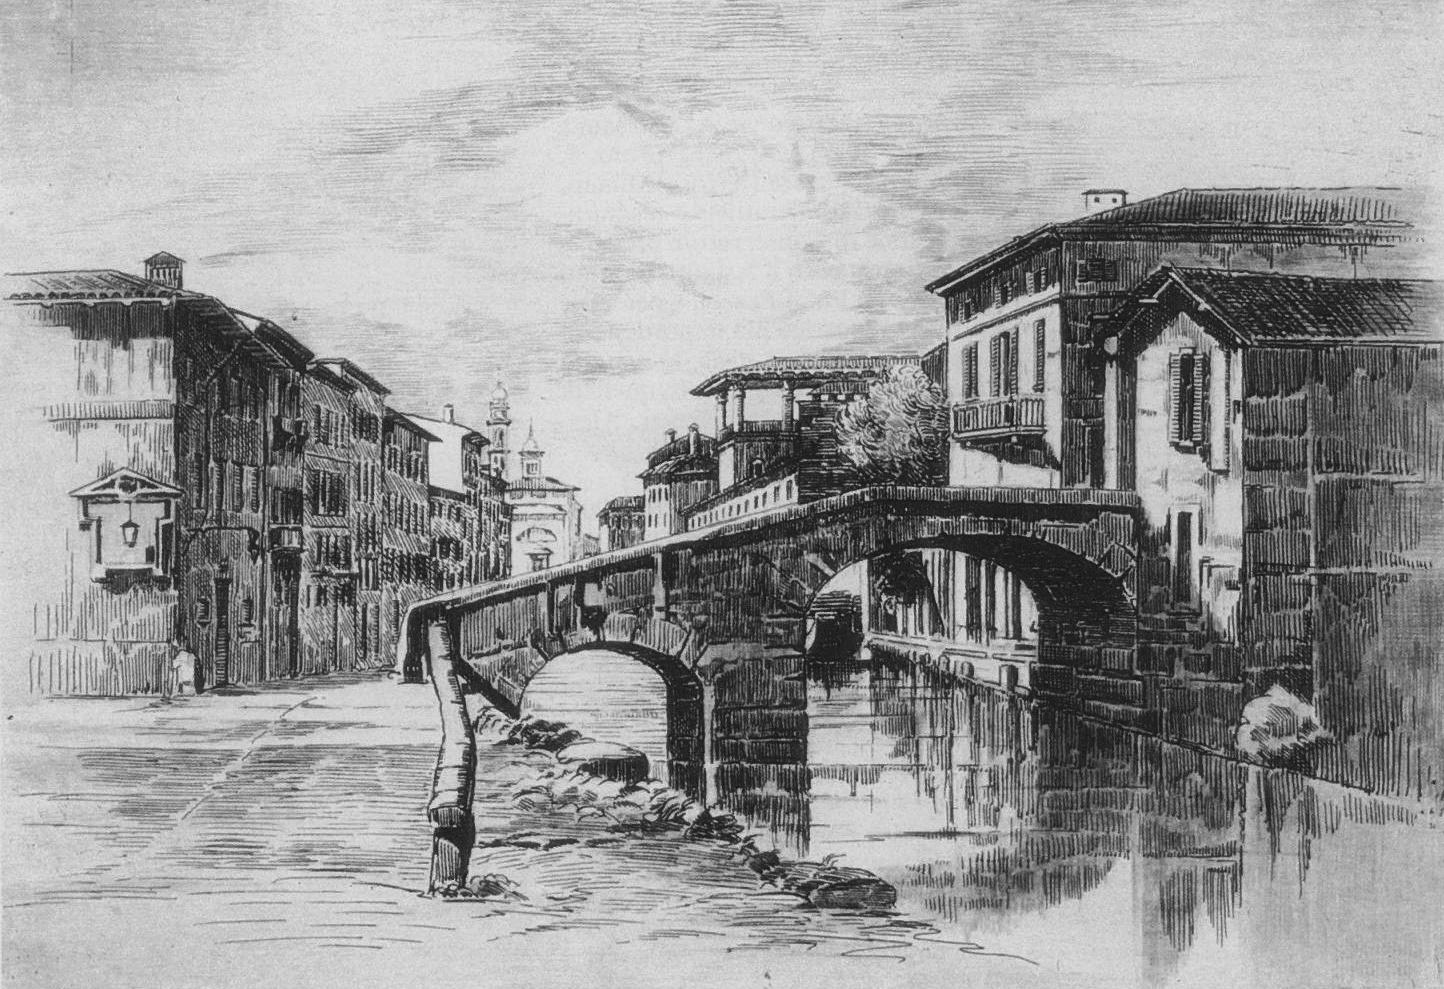 Acquaforte tratta da un disegno ottocentesco di Migliara con il ponte delle Pioppette sul Naviglio di Via Molino delle Armi.